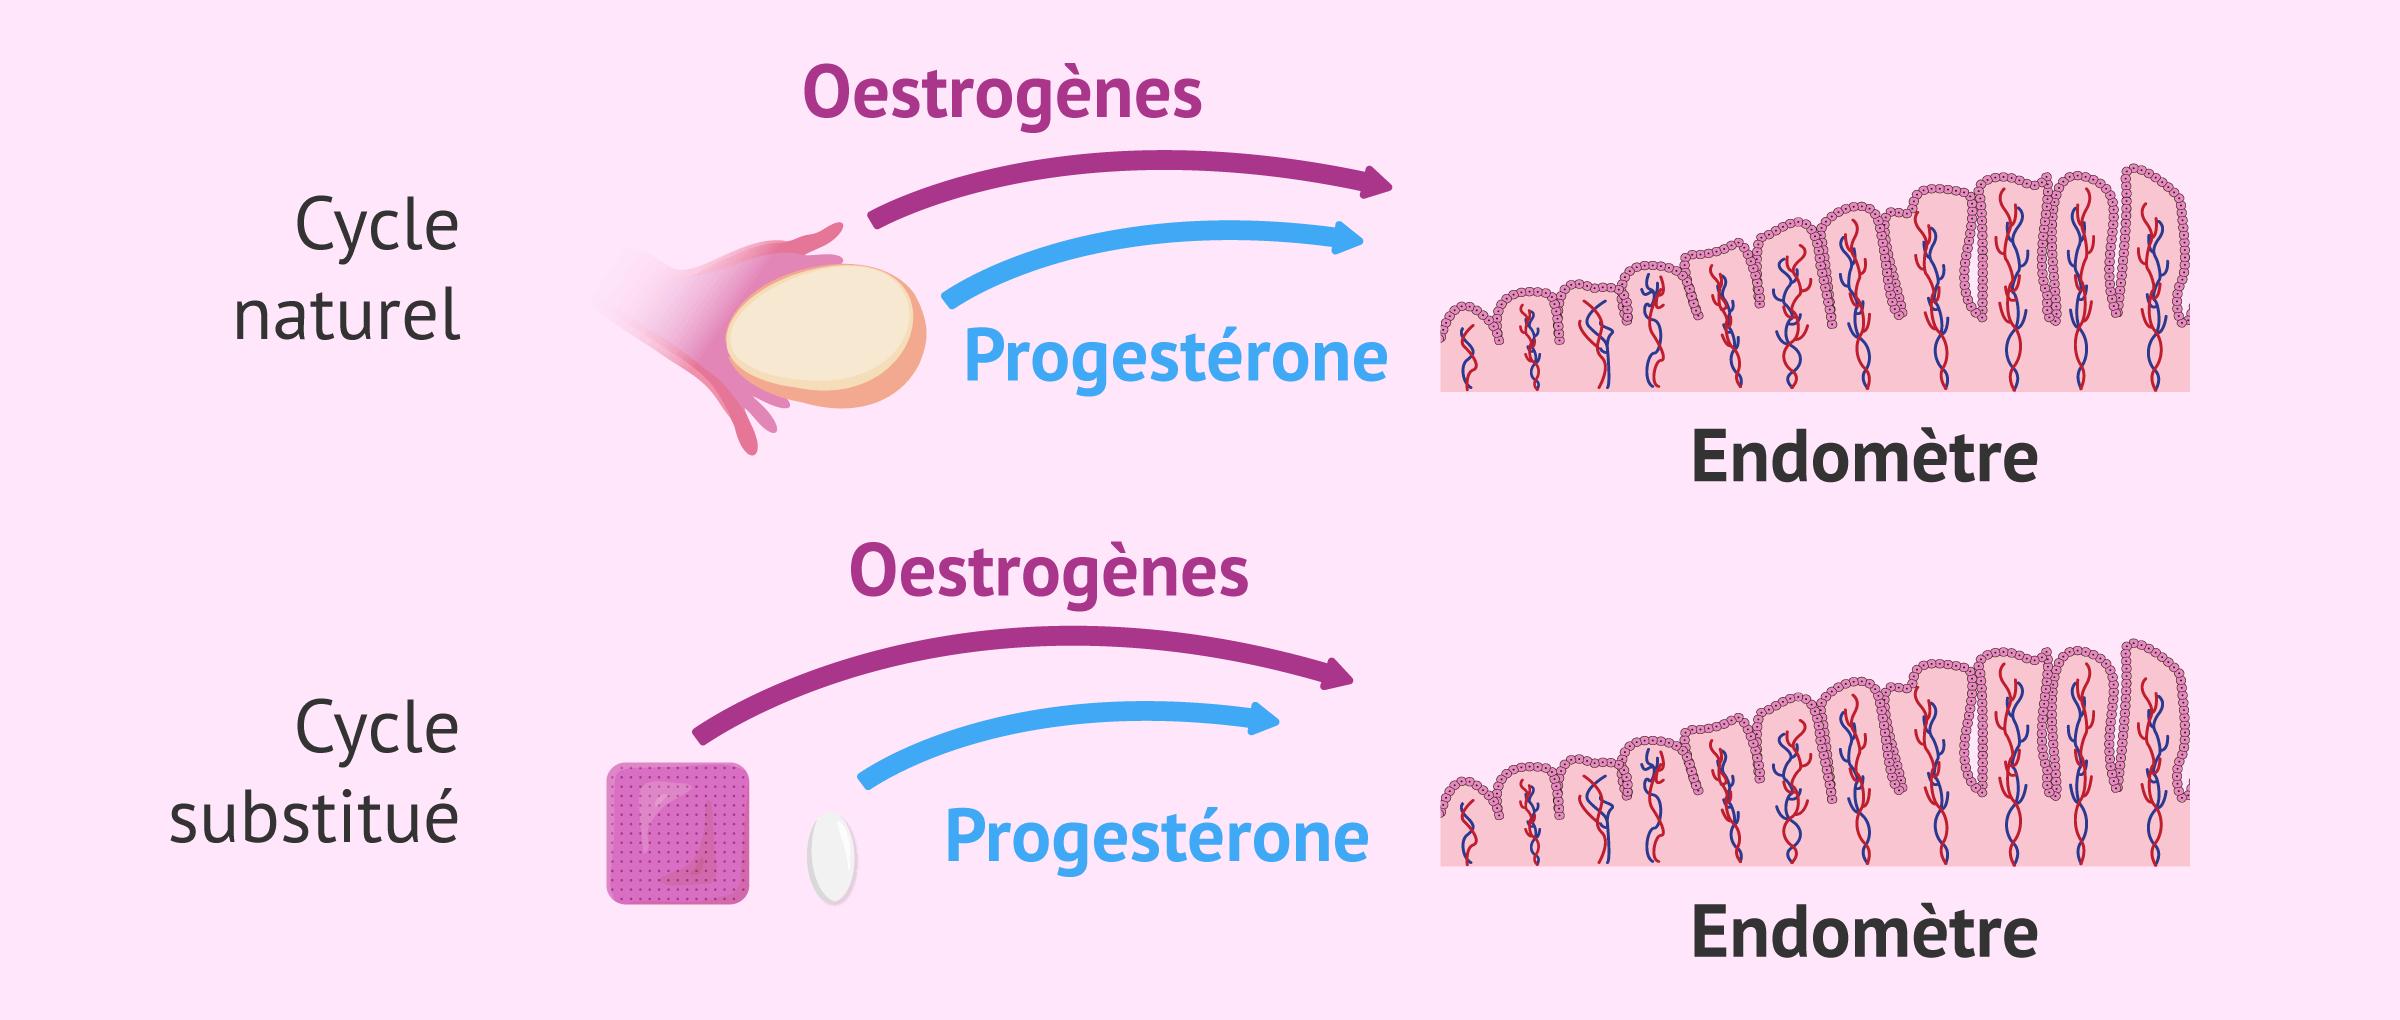 Préparation de l'endomètre pour le transfert d'embryons